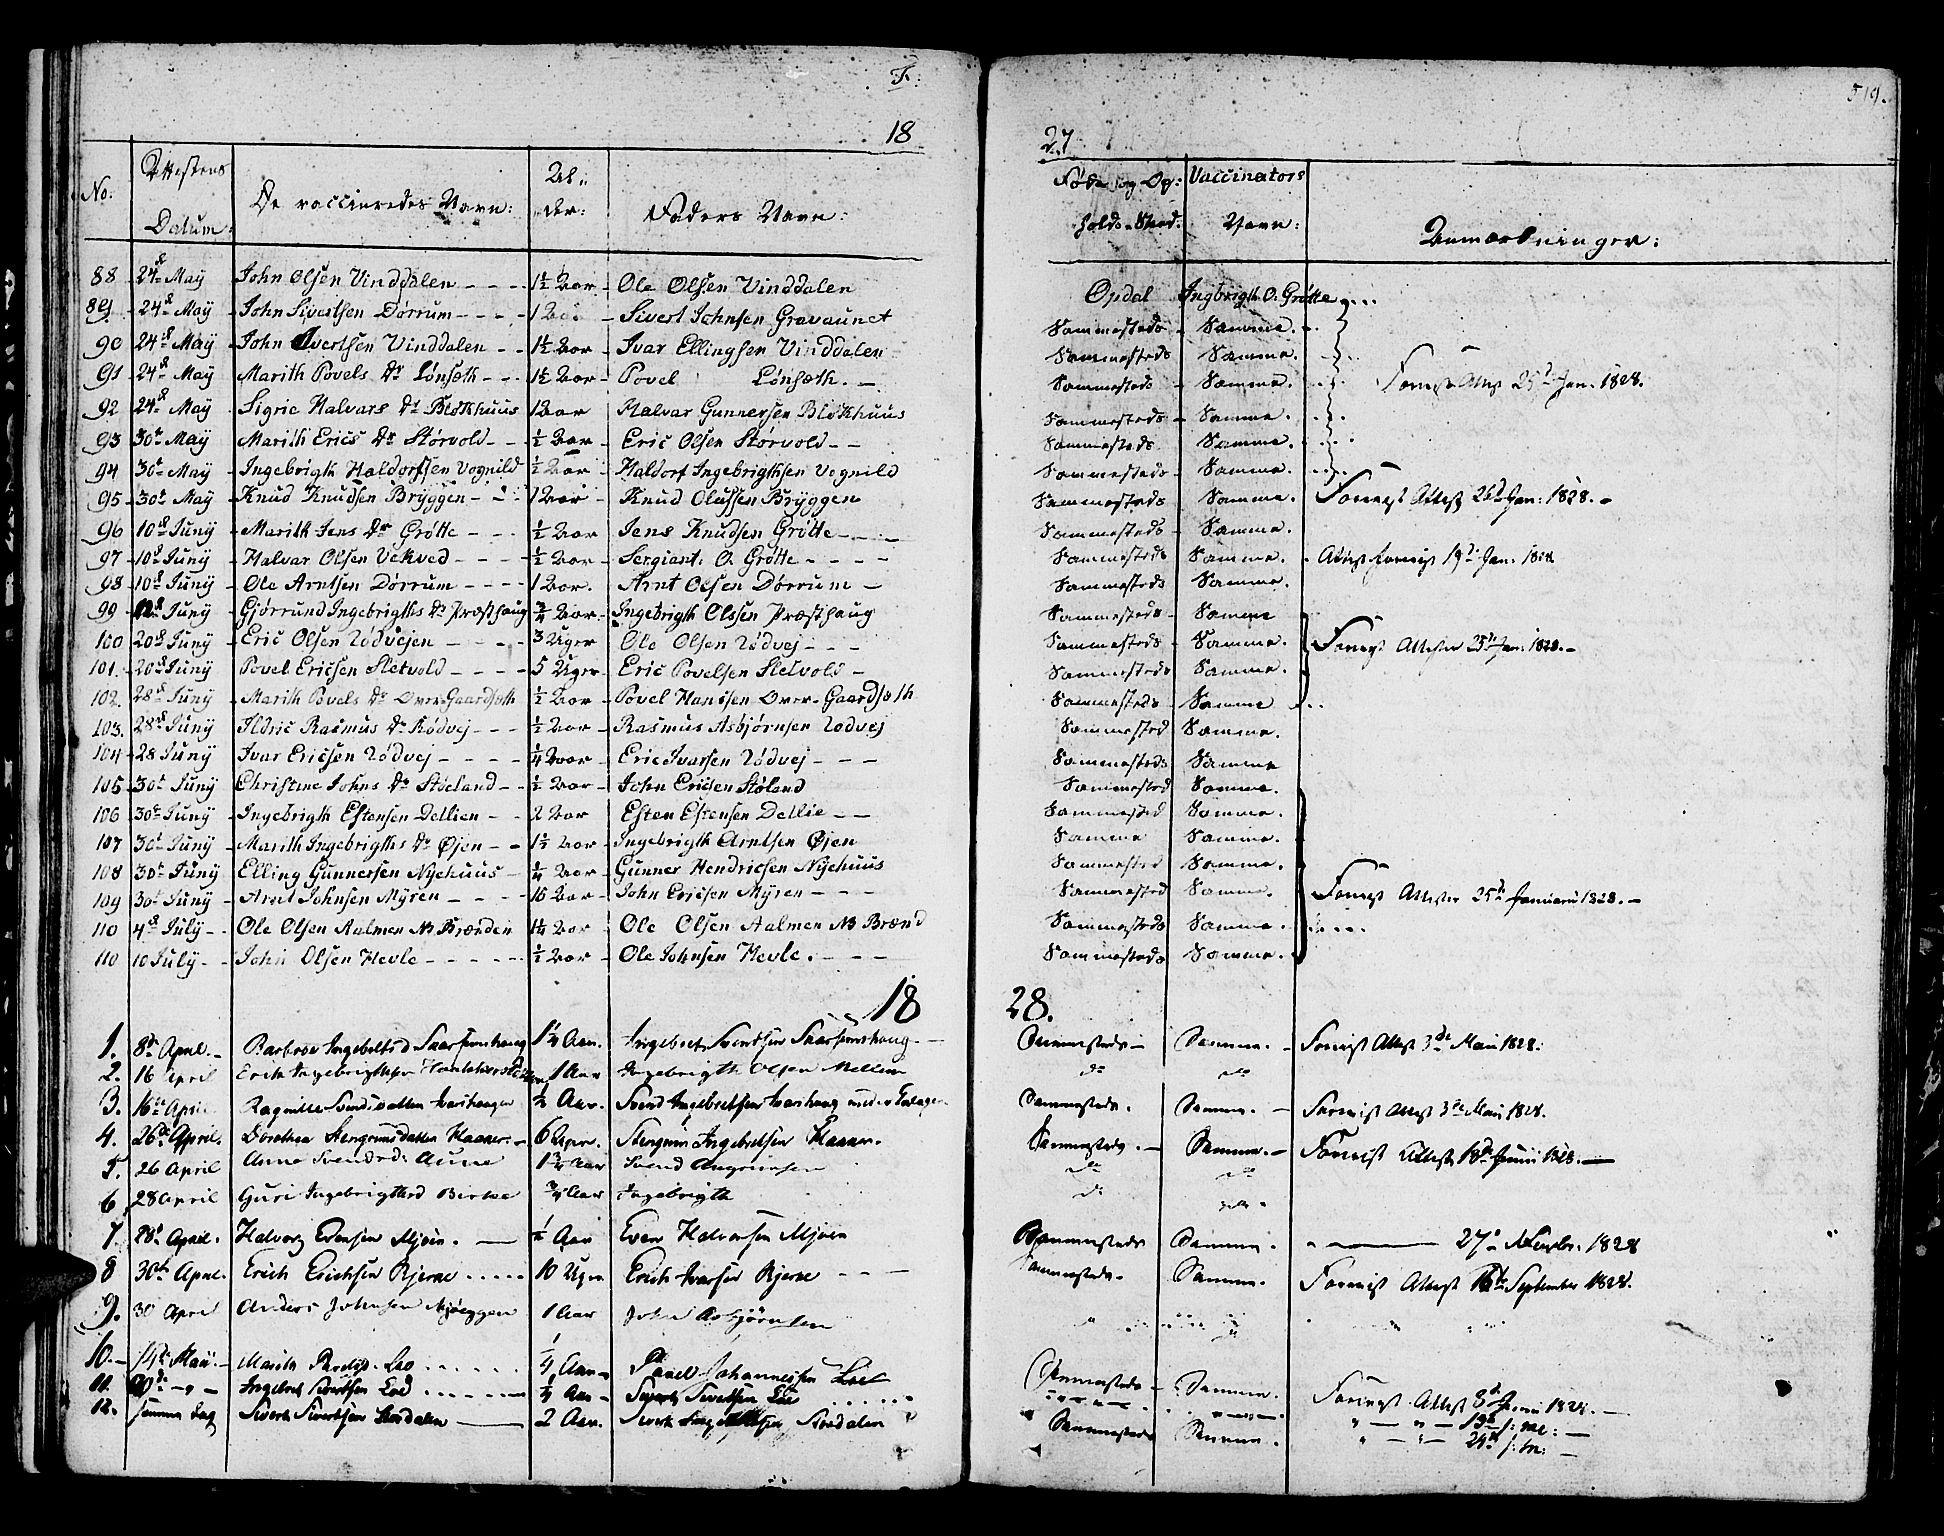 SAT, Ministerialprotokoller, klokkerbøker og fødselsregistre - Sør-Trøndelag, 678/L0897: Ministerialbok nr. 678A06-07, 1821-1847, s. 519